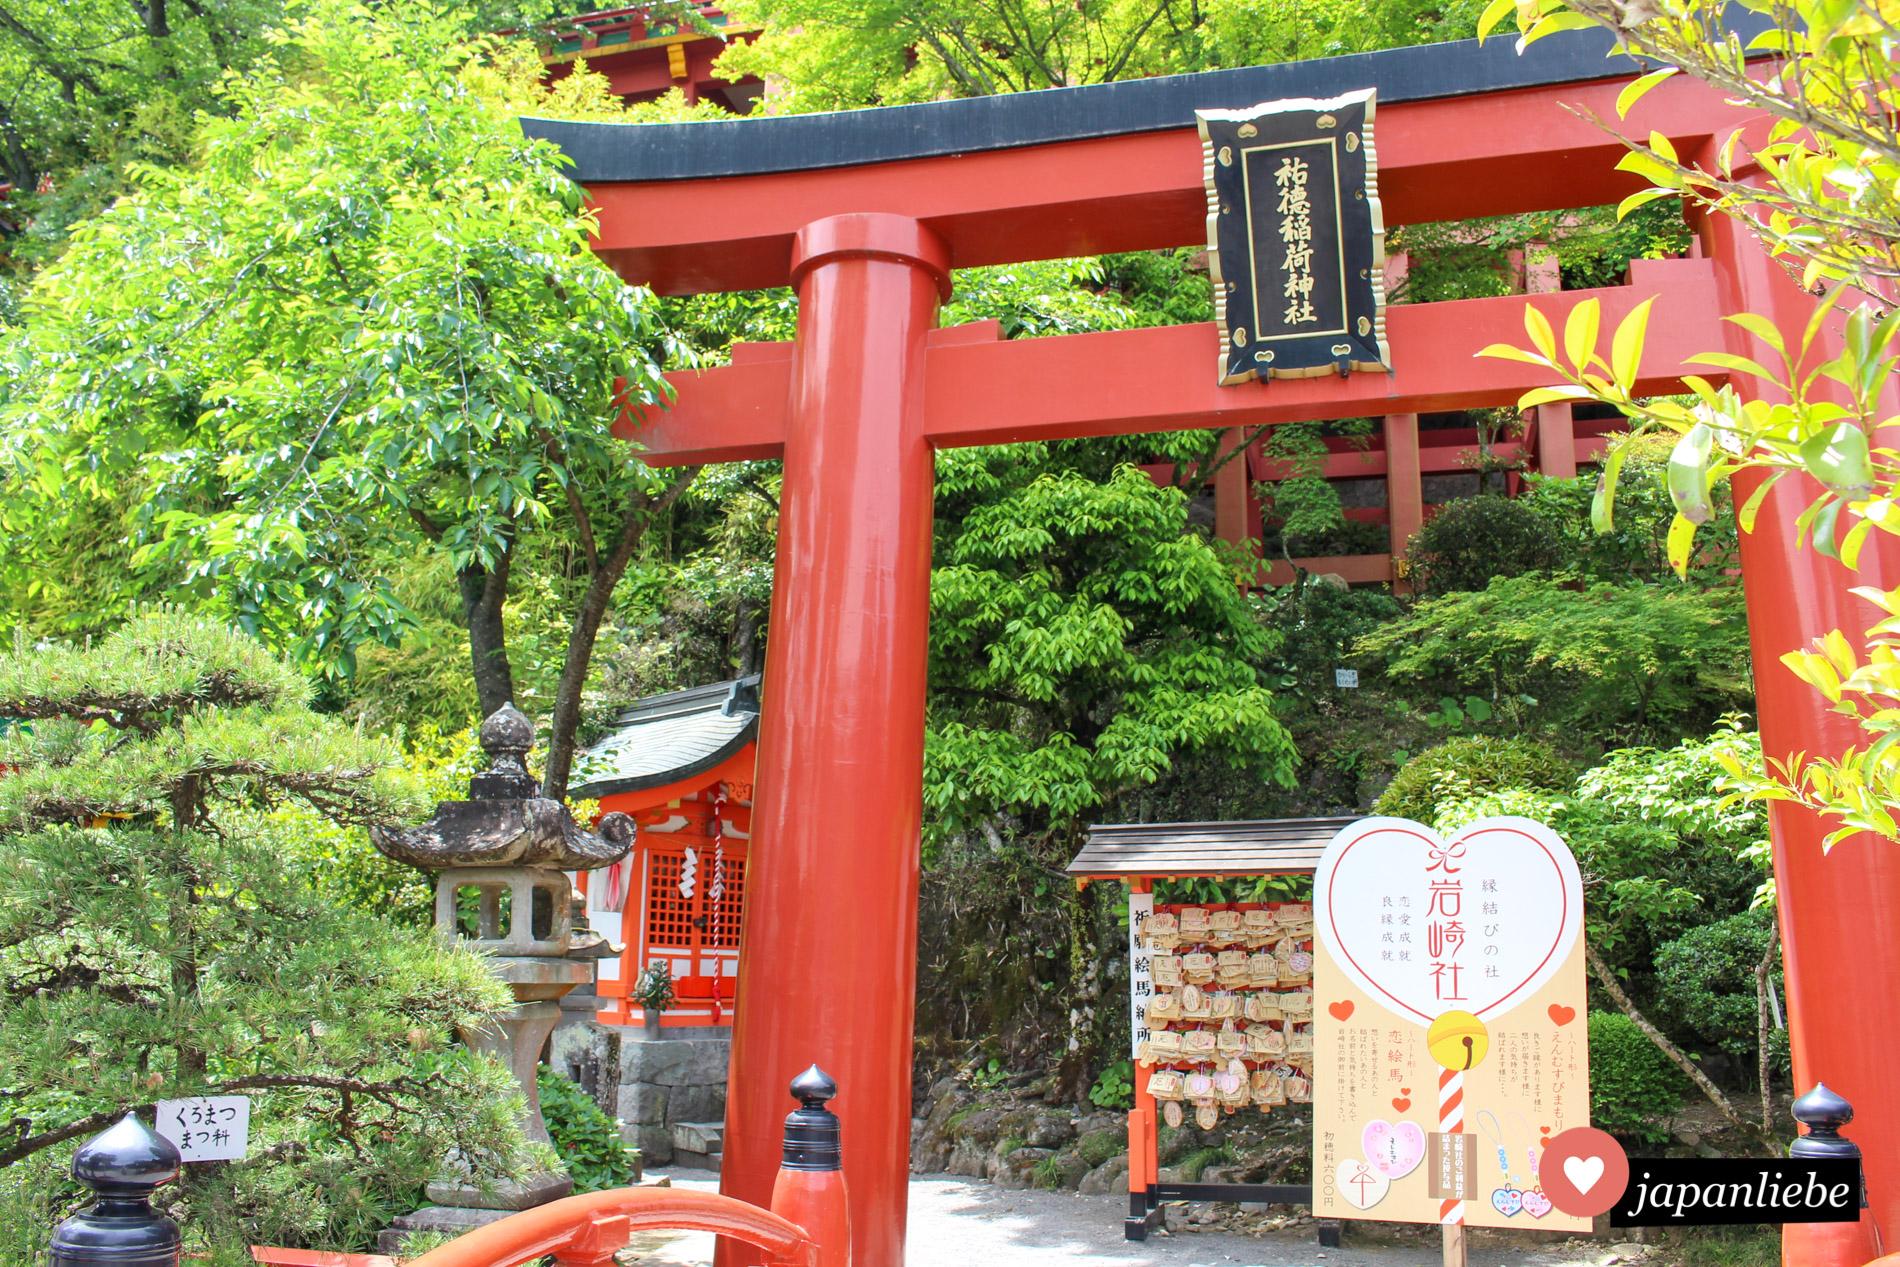 Ein großes rotes Tor ziert den Eingang zu einem kleinen, Liebesglück verheißenden Nebenschrein am Yutoku Inari Schrein in Kashima.